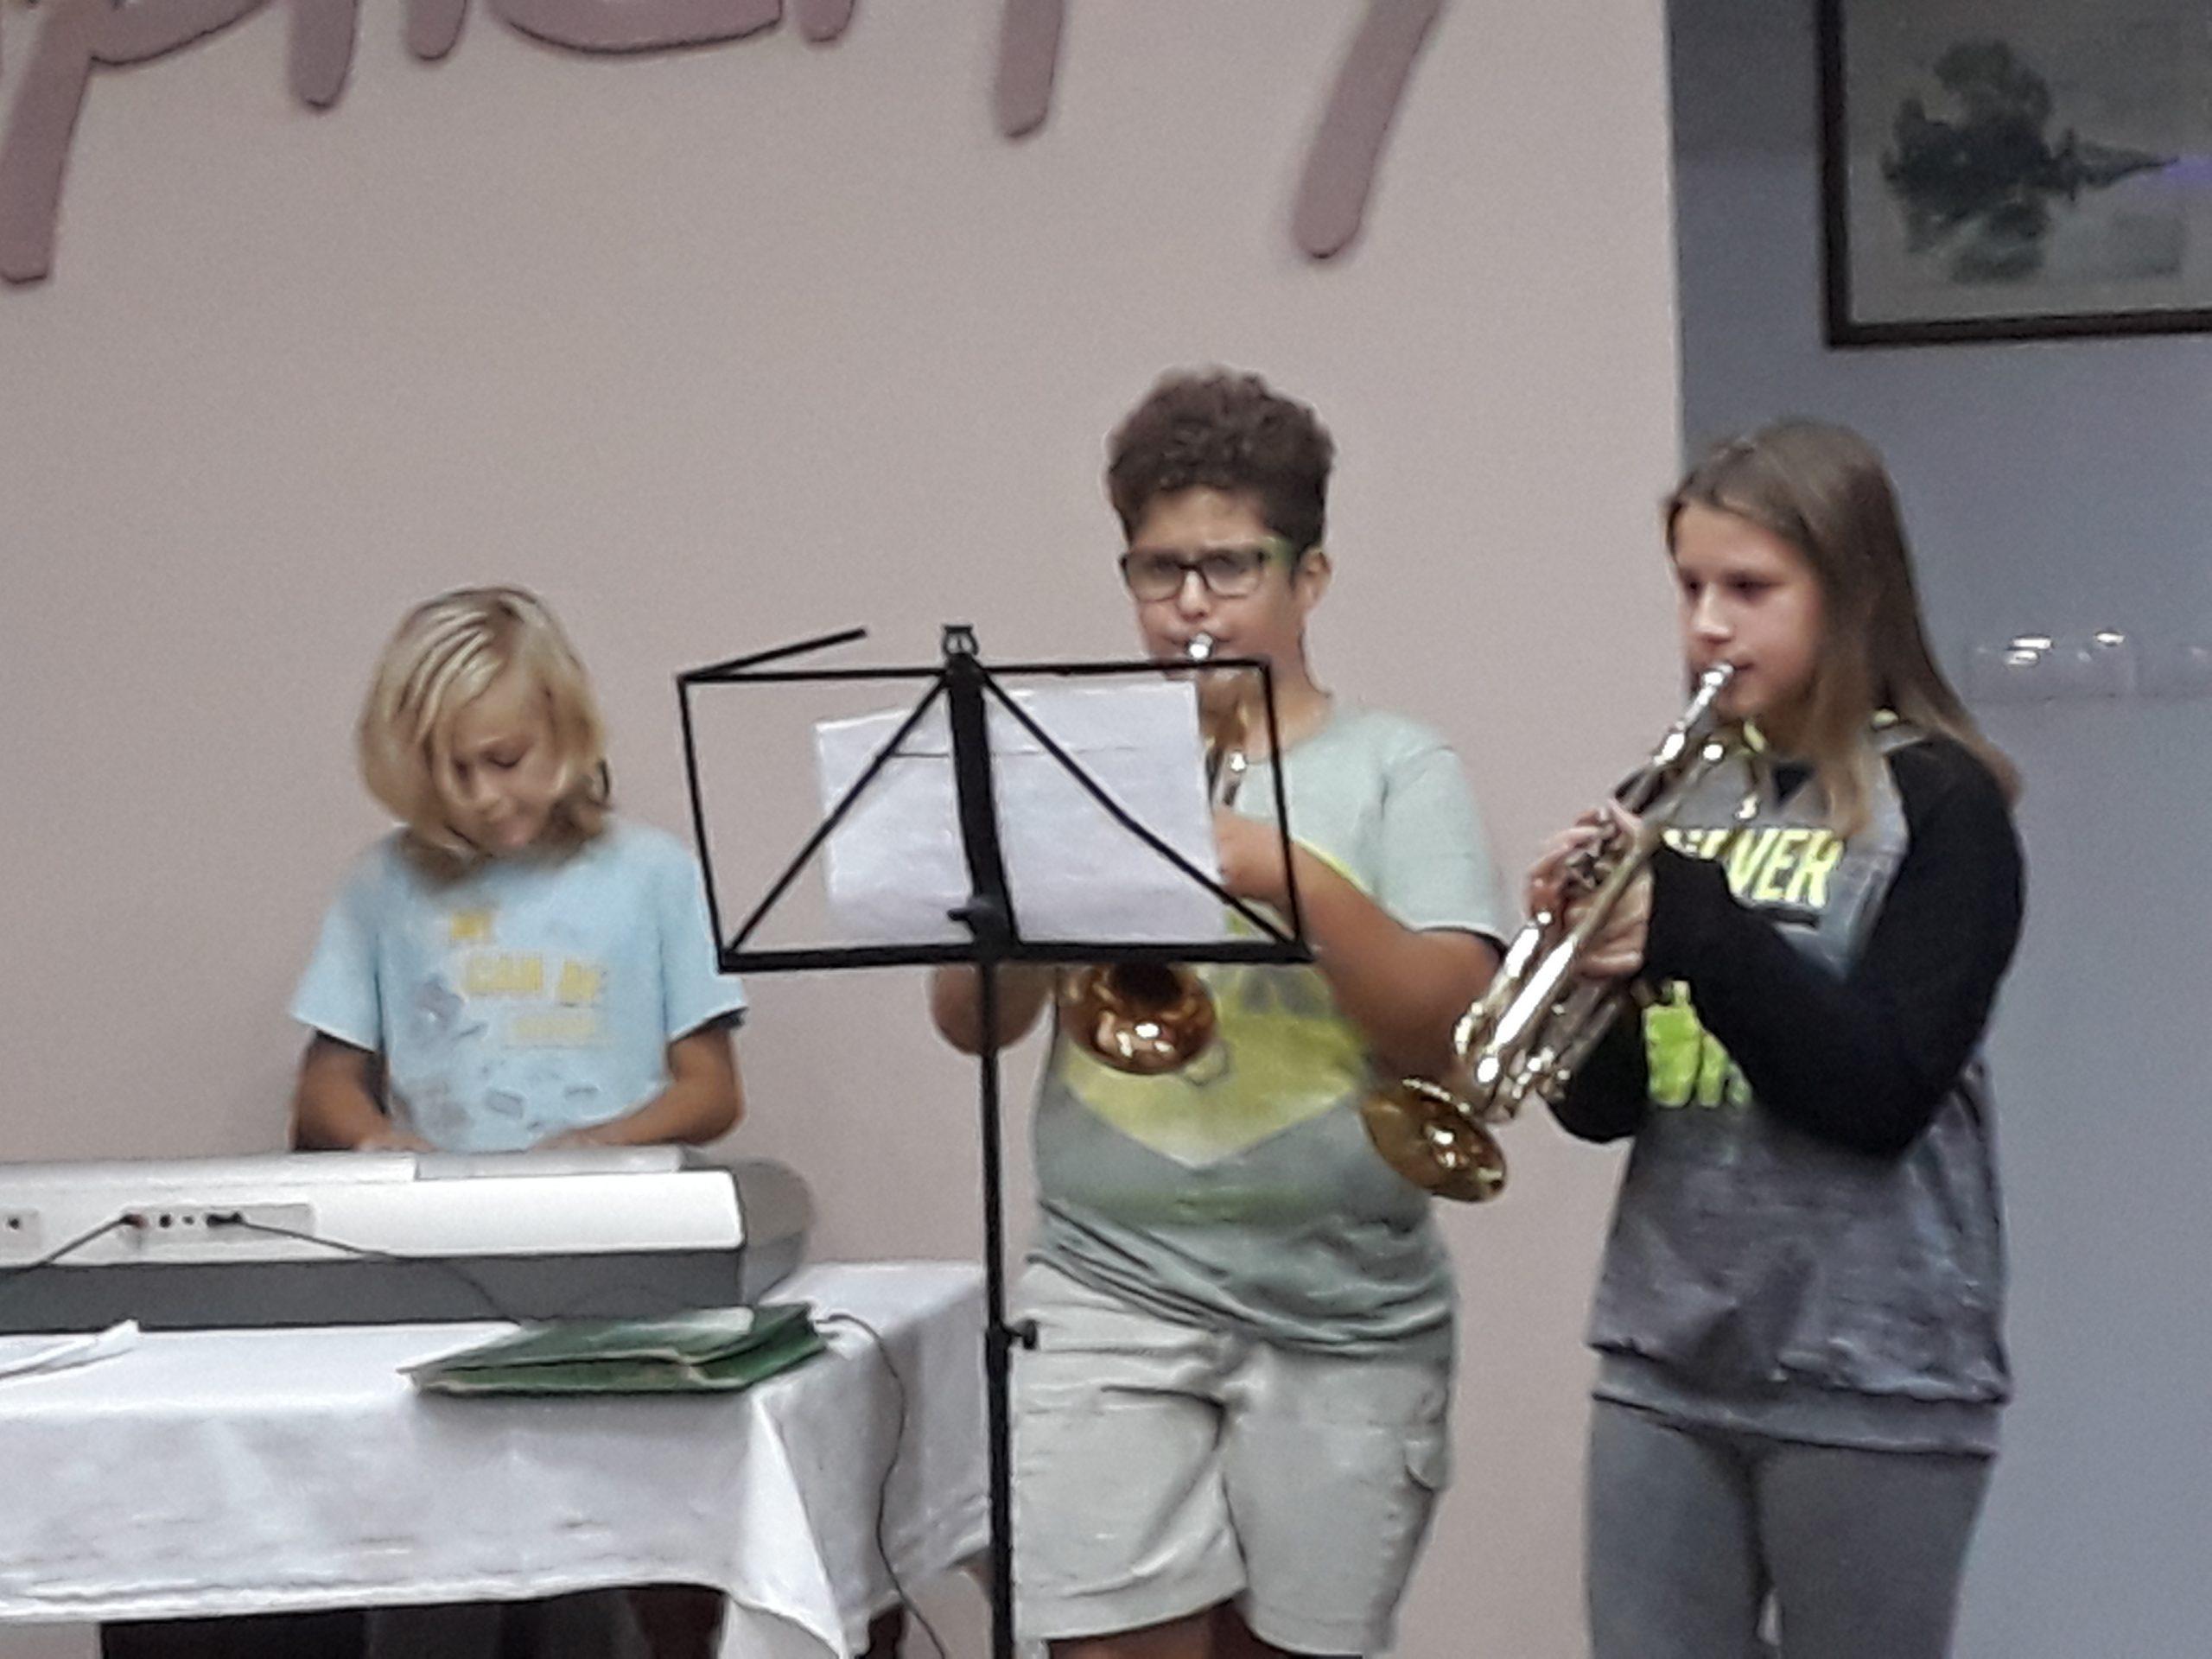 Nastopajoči (s pianom in dvema trobentama).